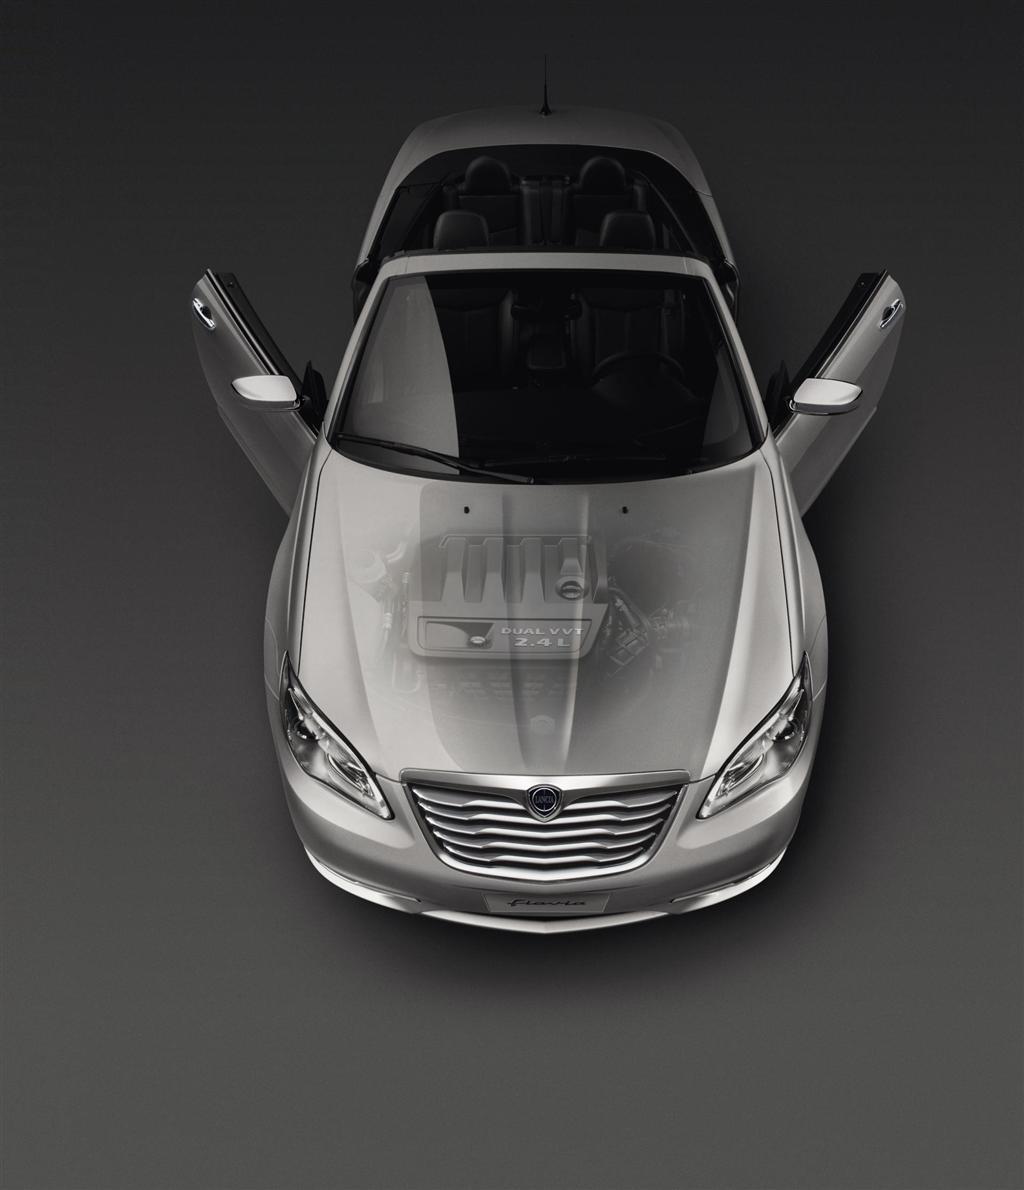 https://www.conceptcarz.com/images/Lancia/Lancia-Flavia-2013-Convertible-e01-1024.jpg